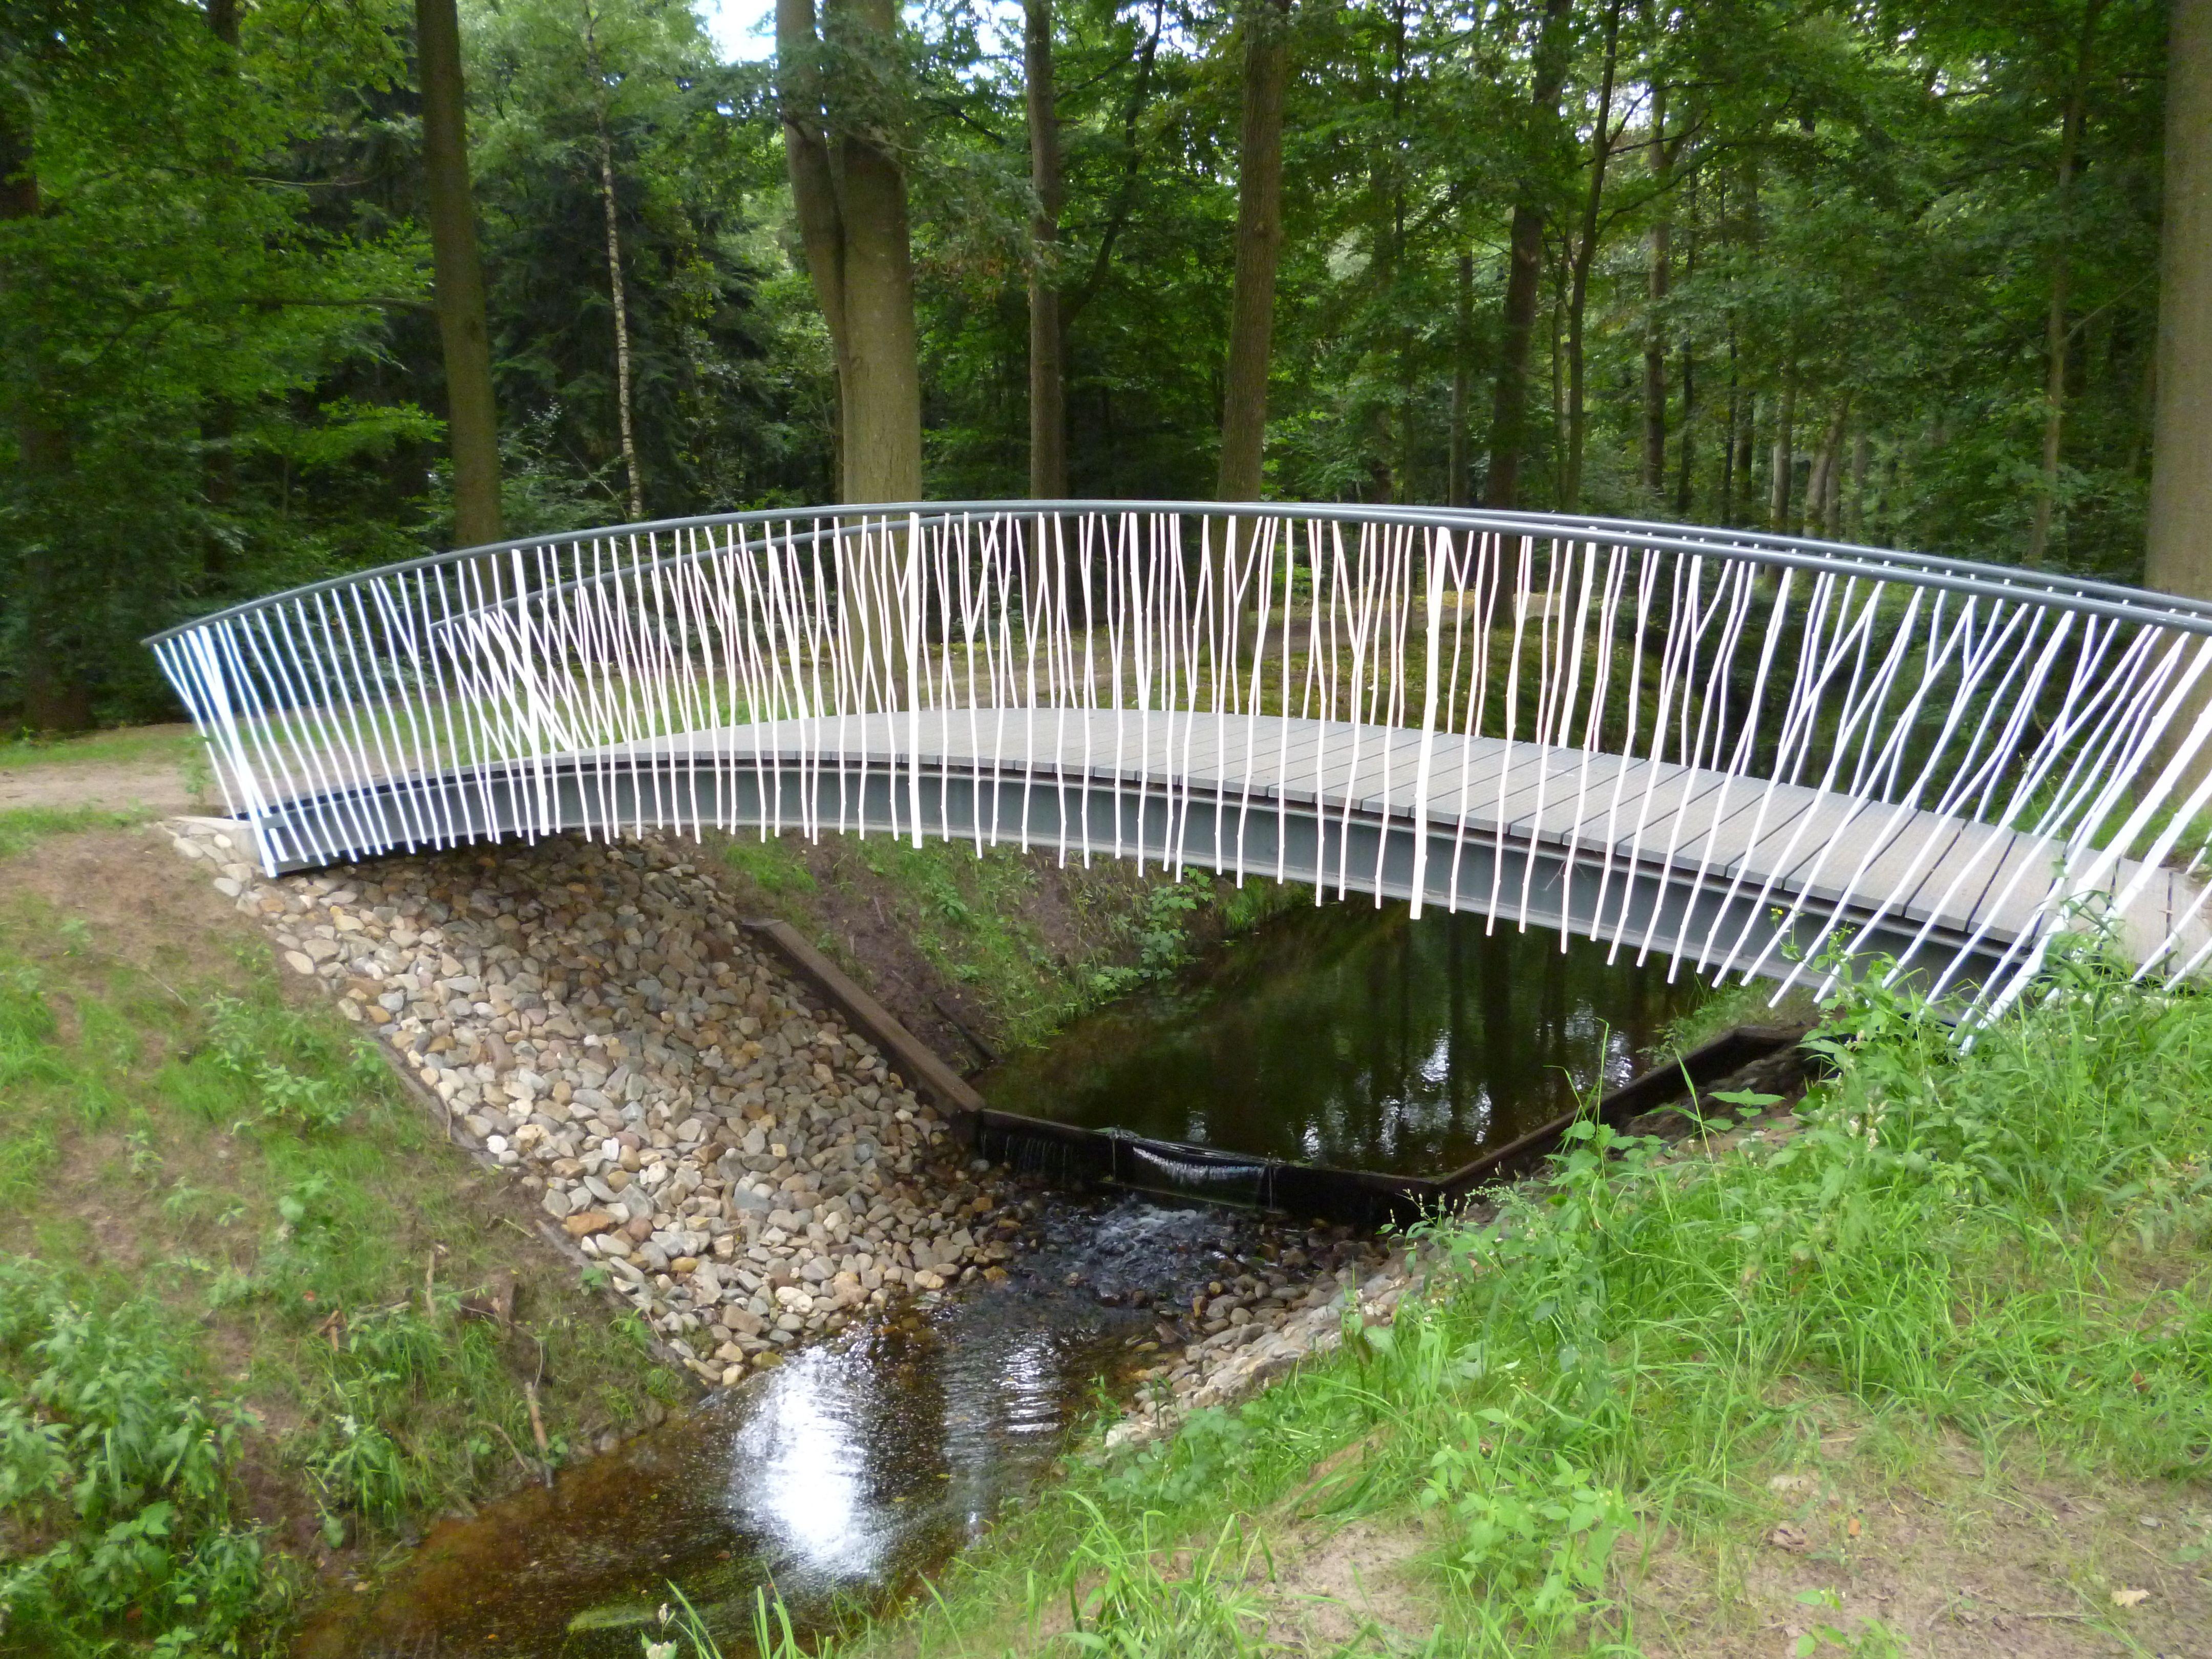 """De """"takkenbrug"""" op Landgoed 't Laer in Ommen. architect Marcel Eekhout Parklaanarchitecten. uitgewerkt en uitgevoerd door Gerwolt Westhuis Cronquels in samenwerking met Laveno Metaalbewerking."""